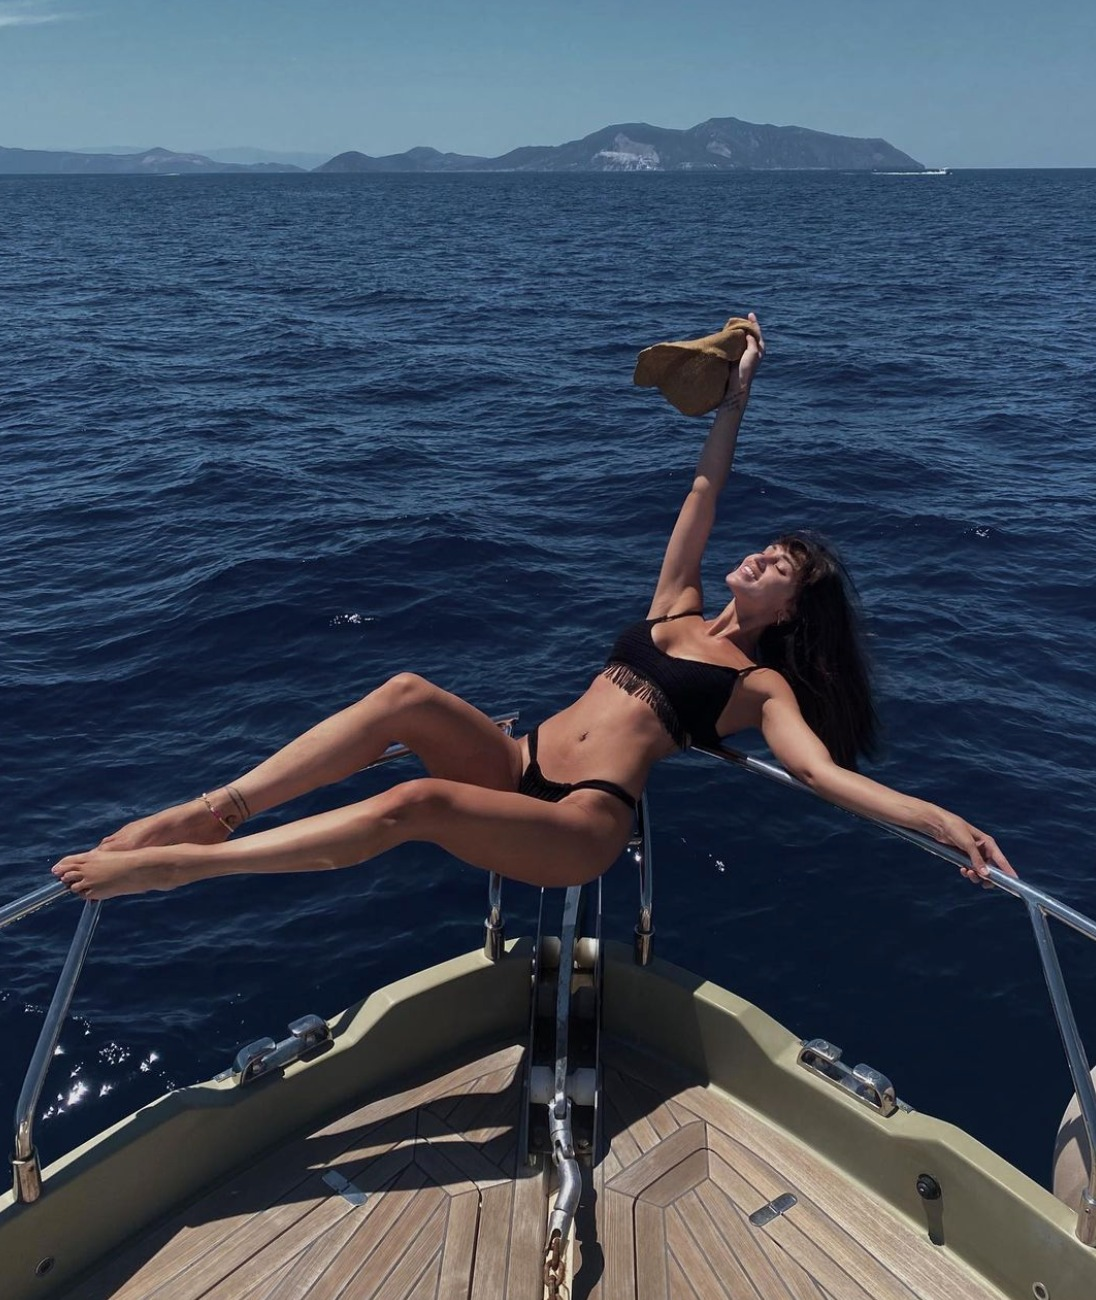 cecilia rodriguez foto fisico lato bikini